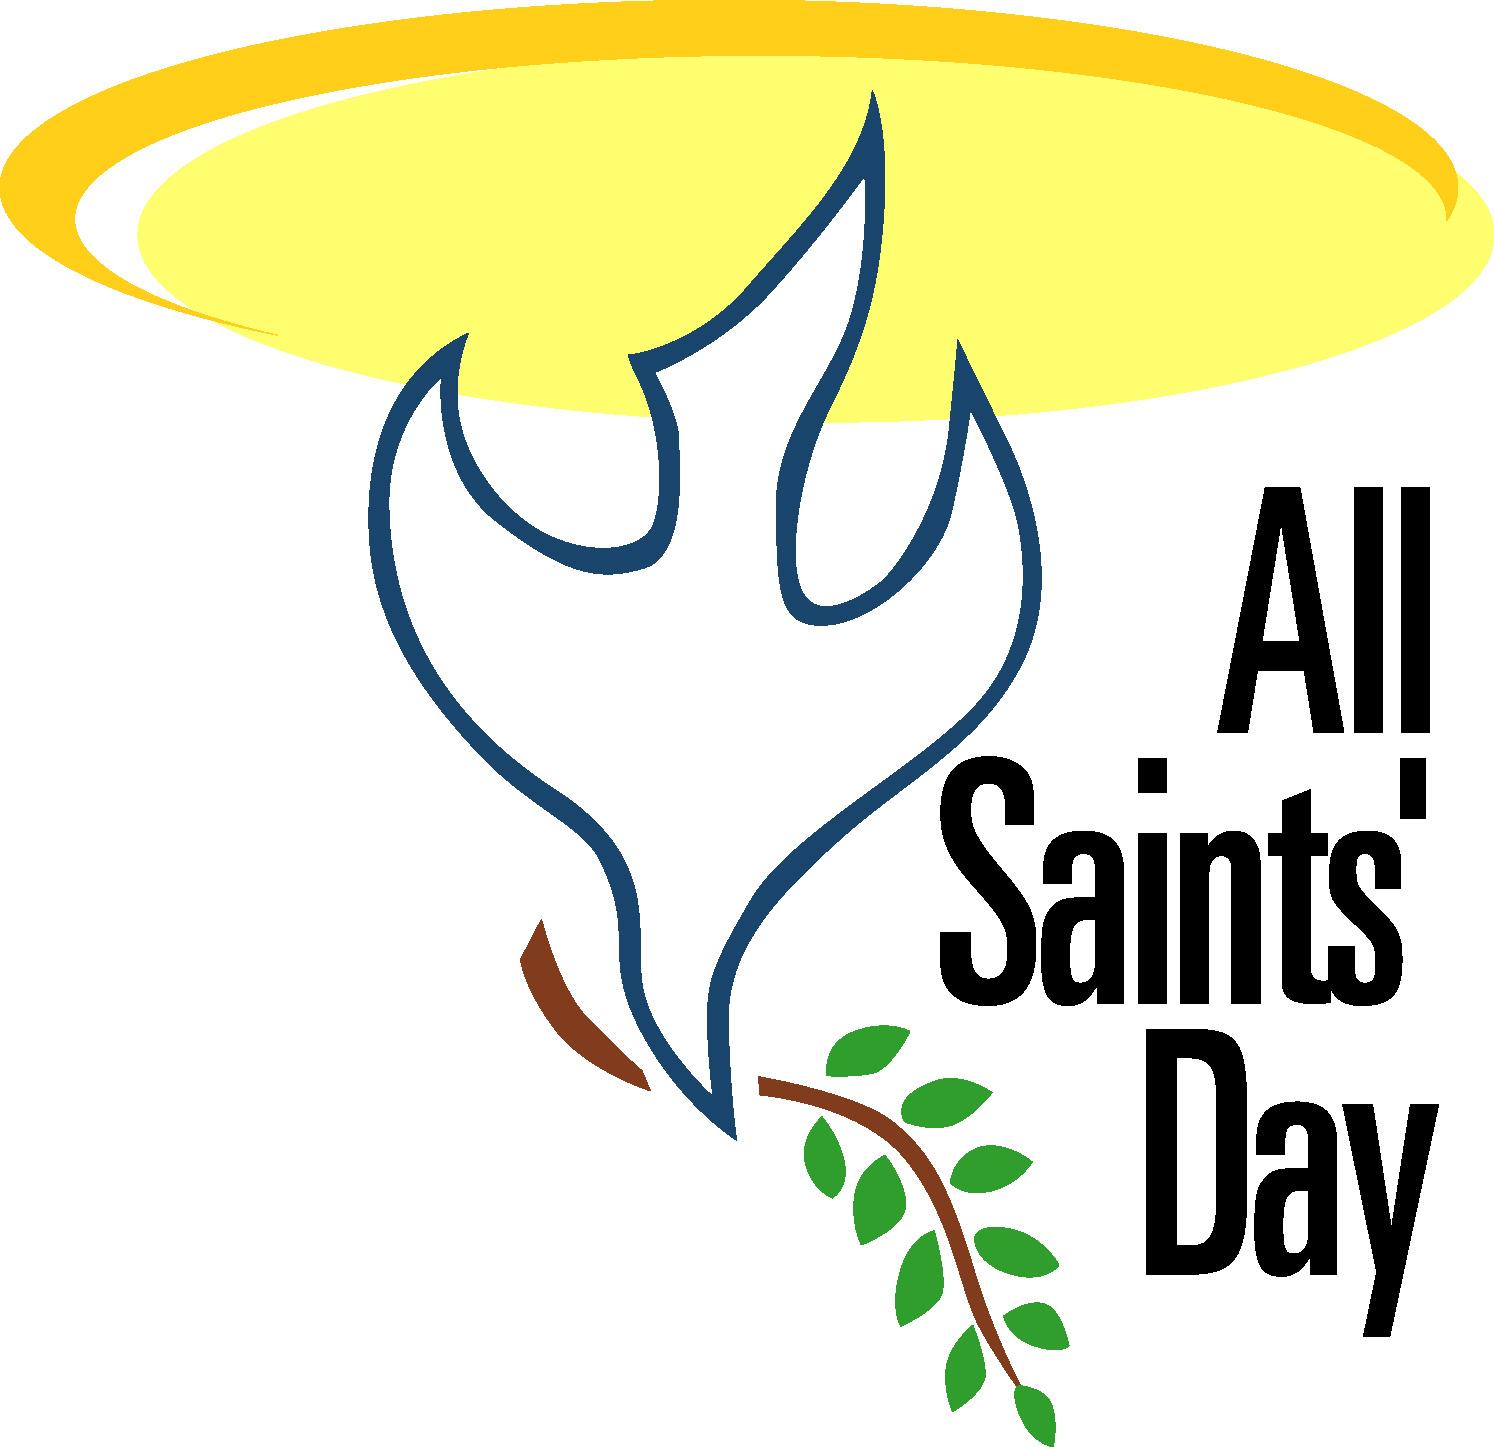 KnowCrazy.com: All Saints' Day 2012